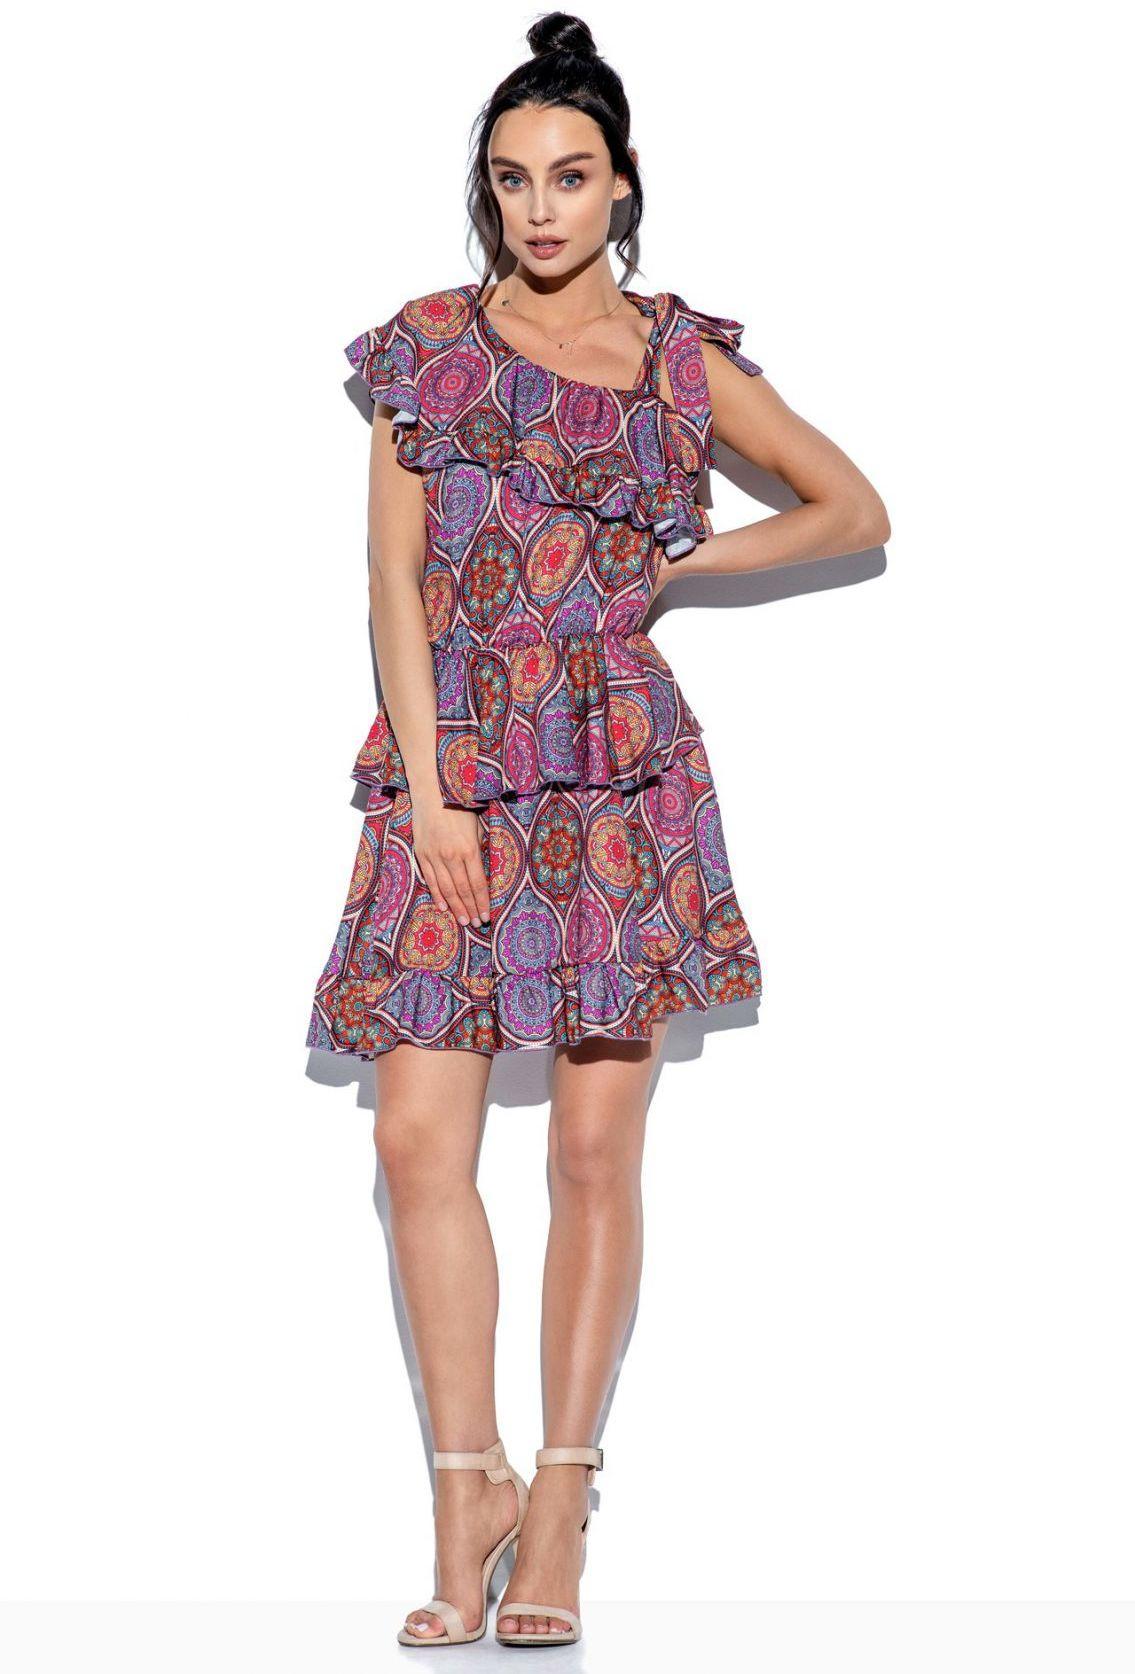 Sukienka z falbaną wiązana na jedno ramię wzór LG546 druk 20